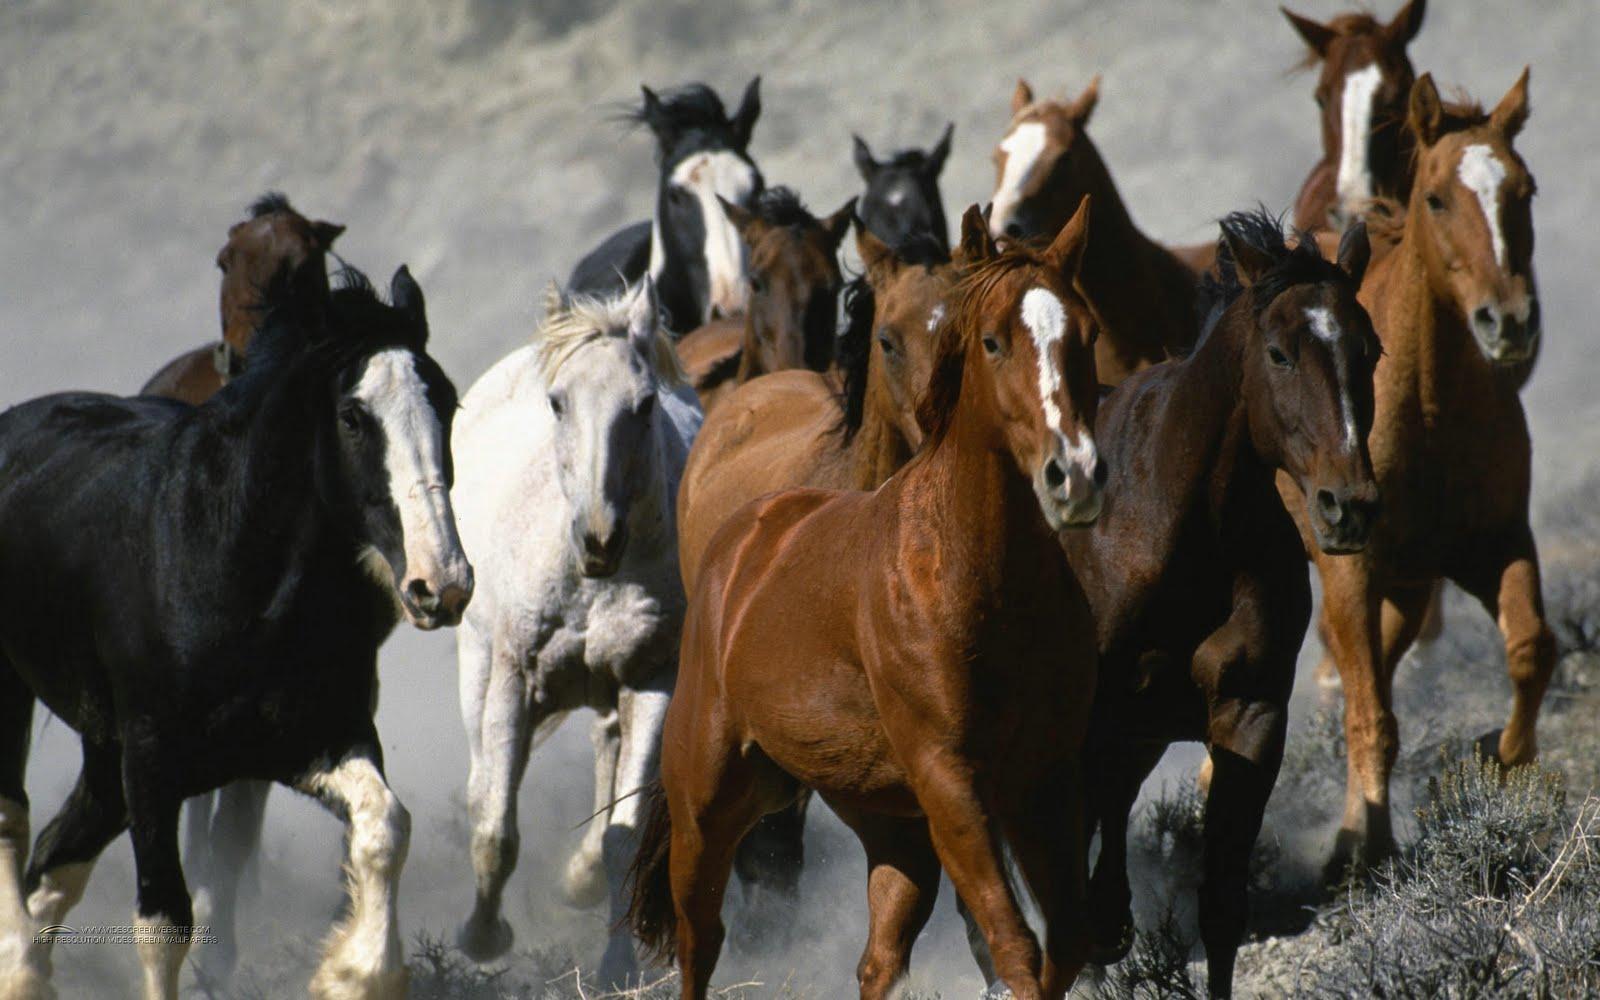 Running Horse Wallpapers White Horses Running Wallpapers Stampede Of Mustang Horses 1600x1000 Wallpaper Teahub Io